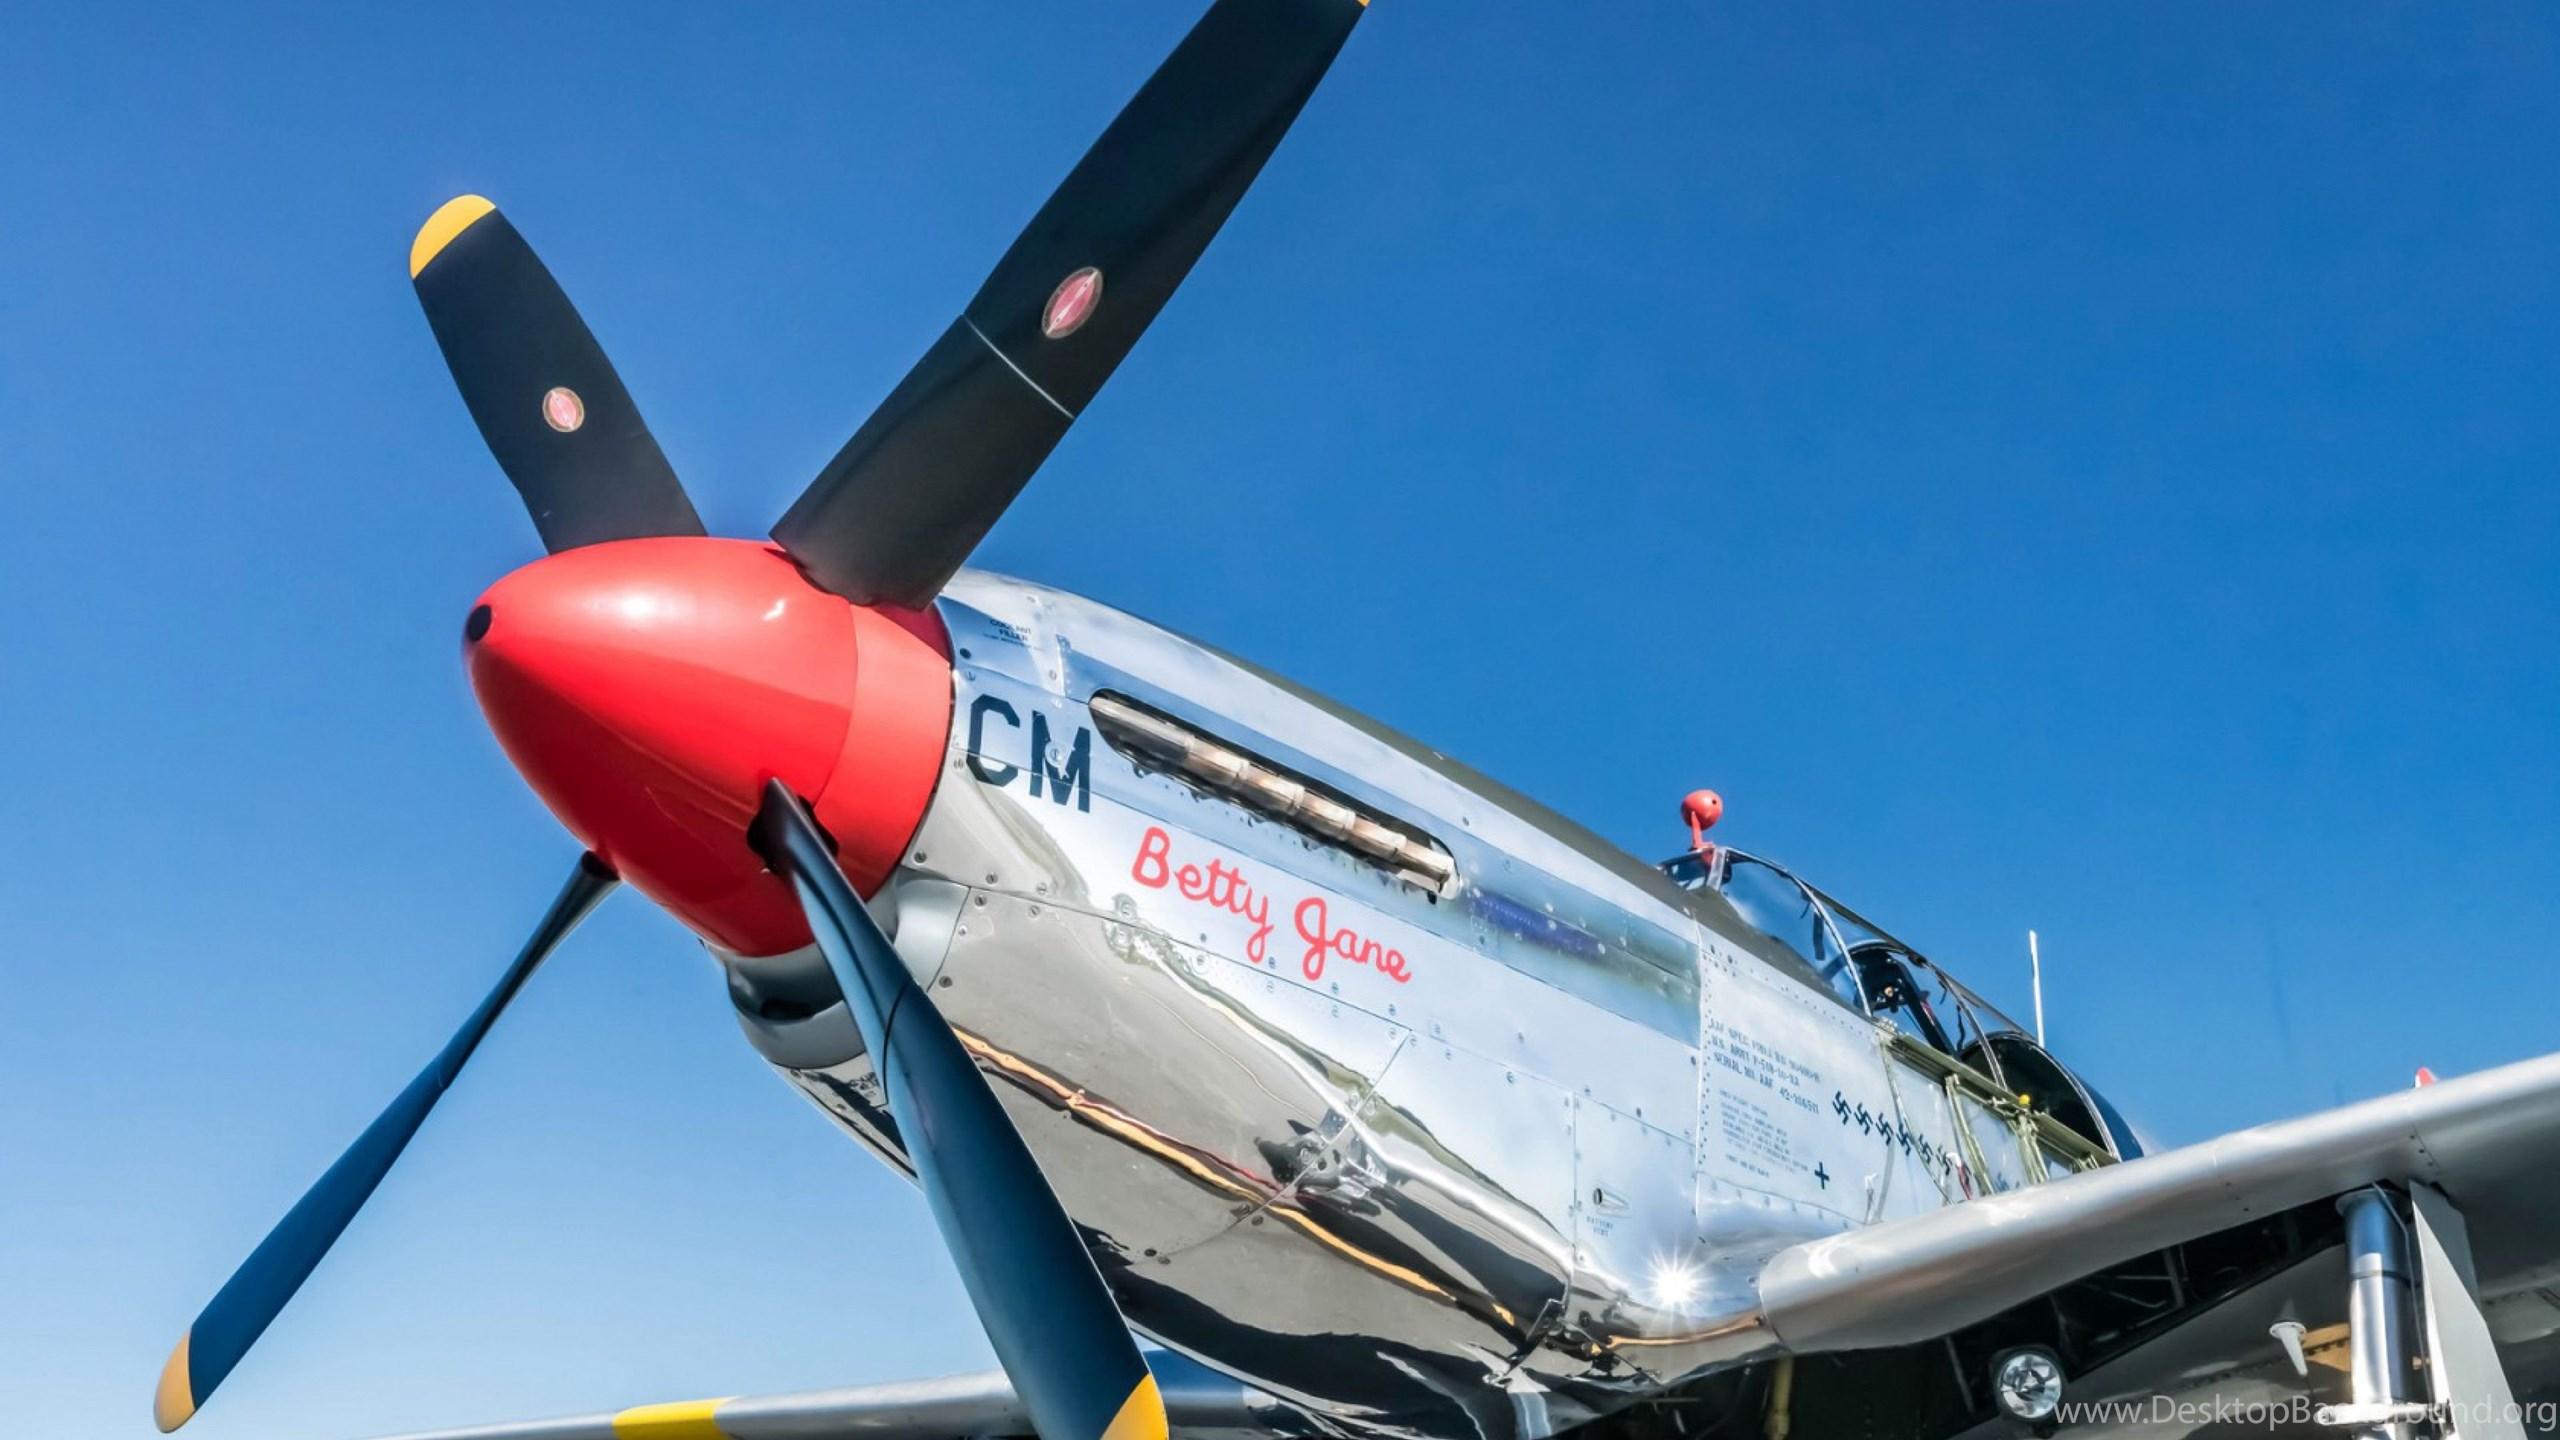 ultra hd 4k aircraft wallpapers hd, desktop backgrounds 3840x2400